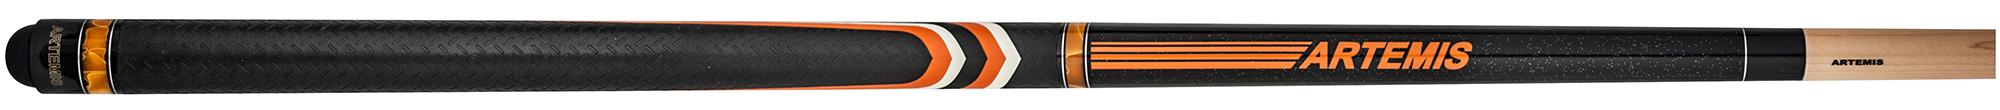 CK0289:  Artemis Nano Sports Oranje #1